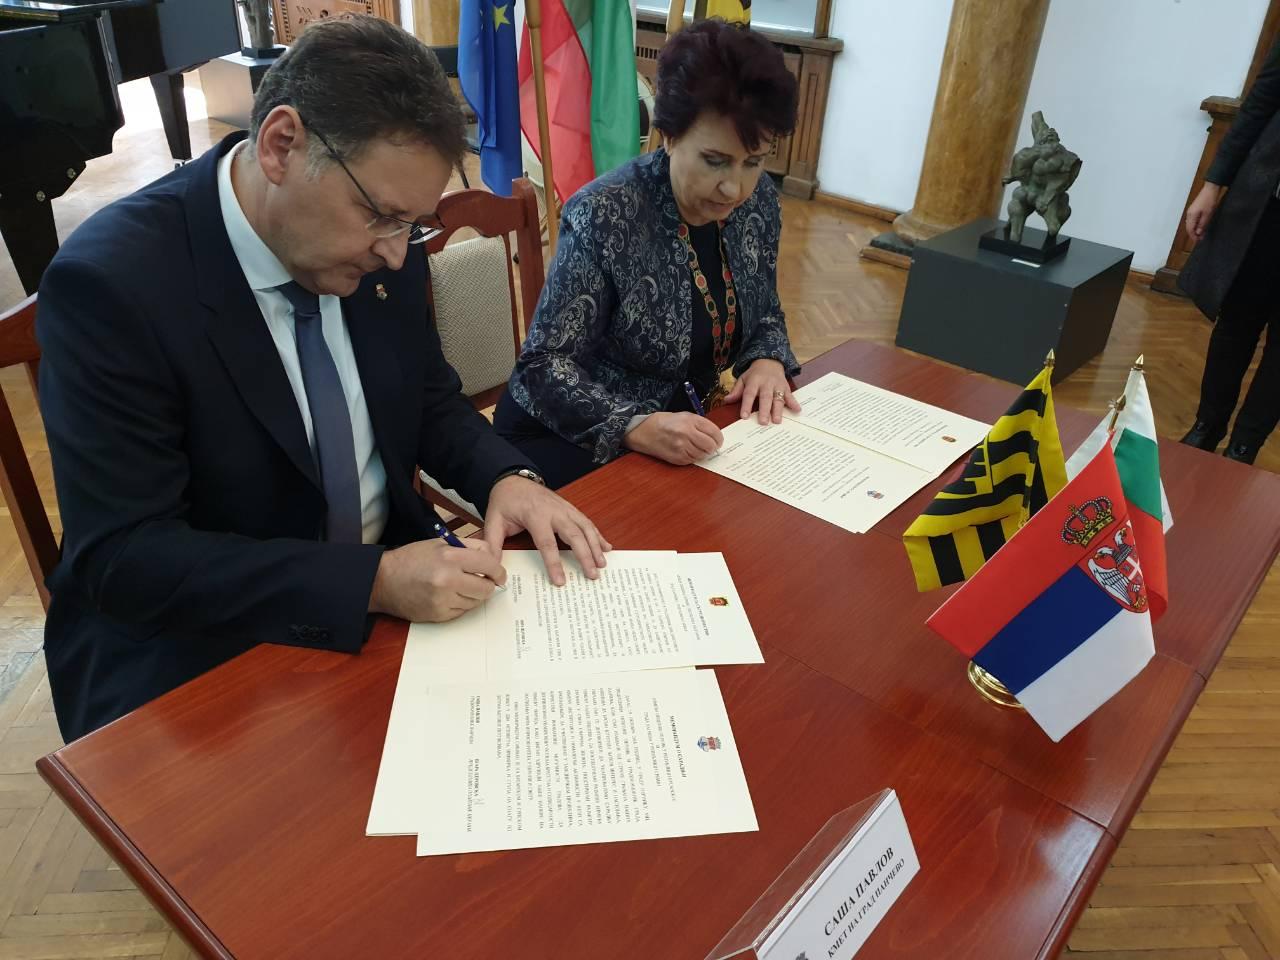 Pavlov potpisuje  memorandum sa gradonačelnicom Pernika (Bugarska)